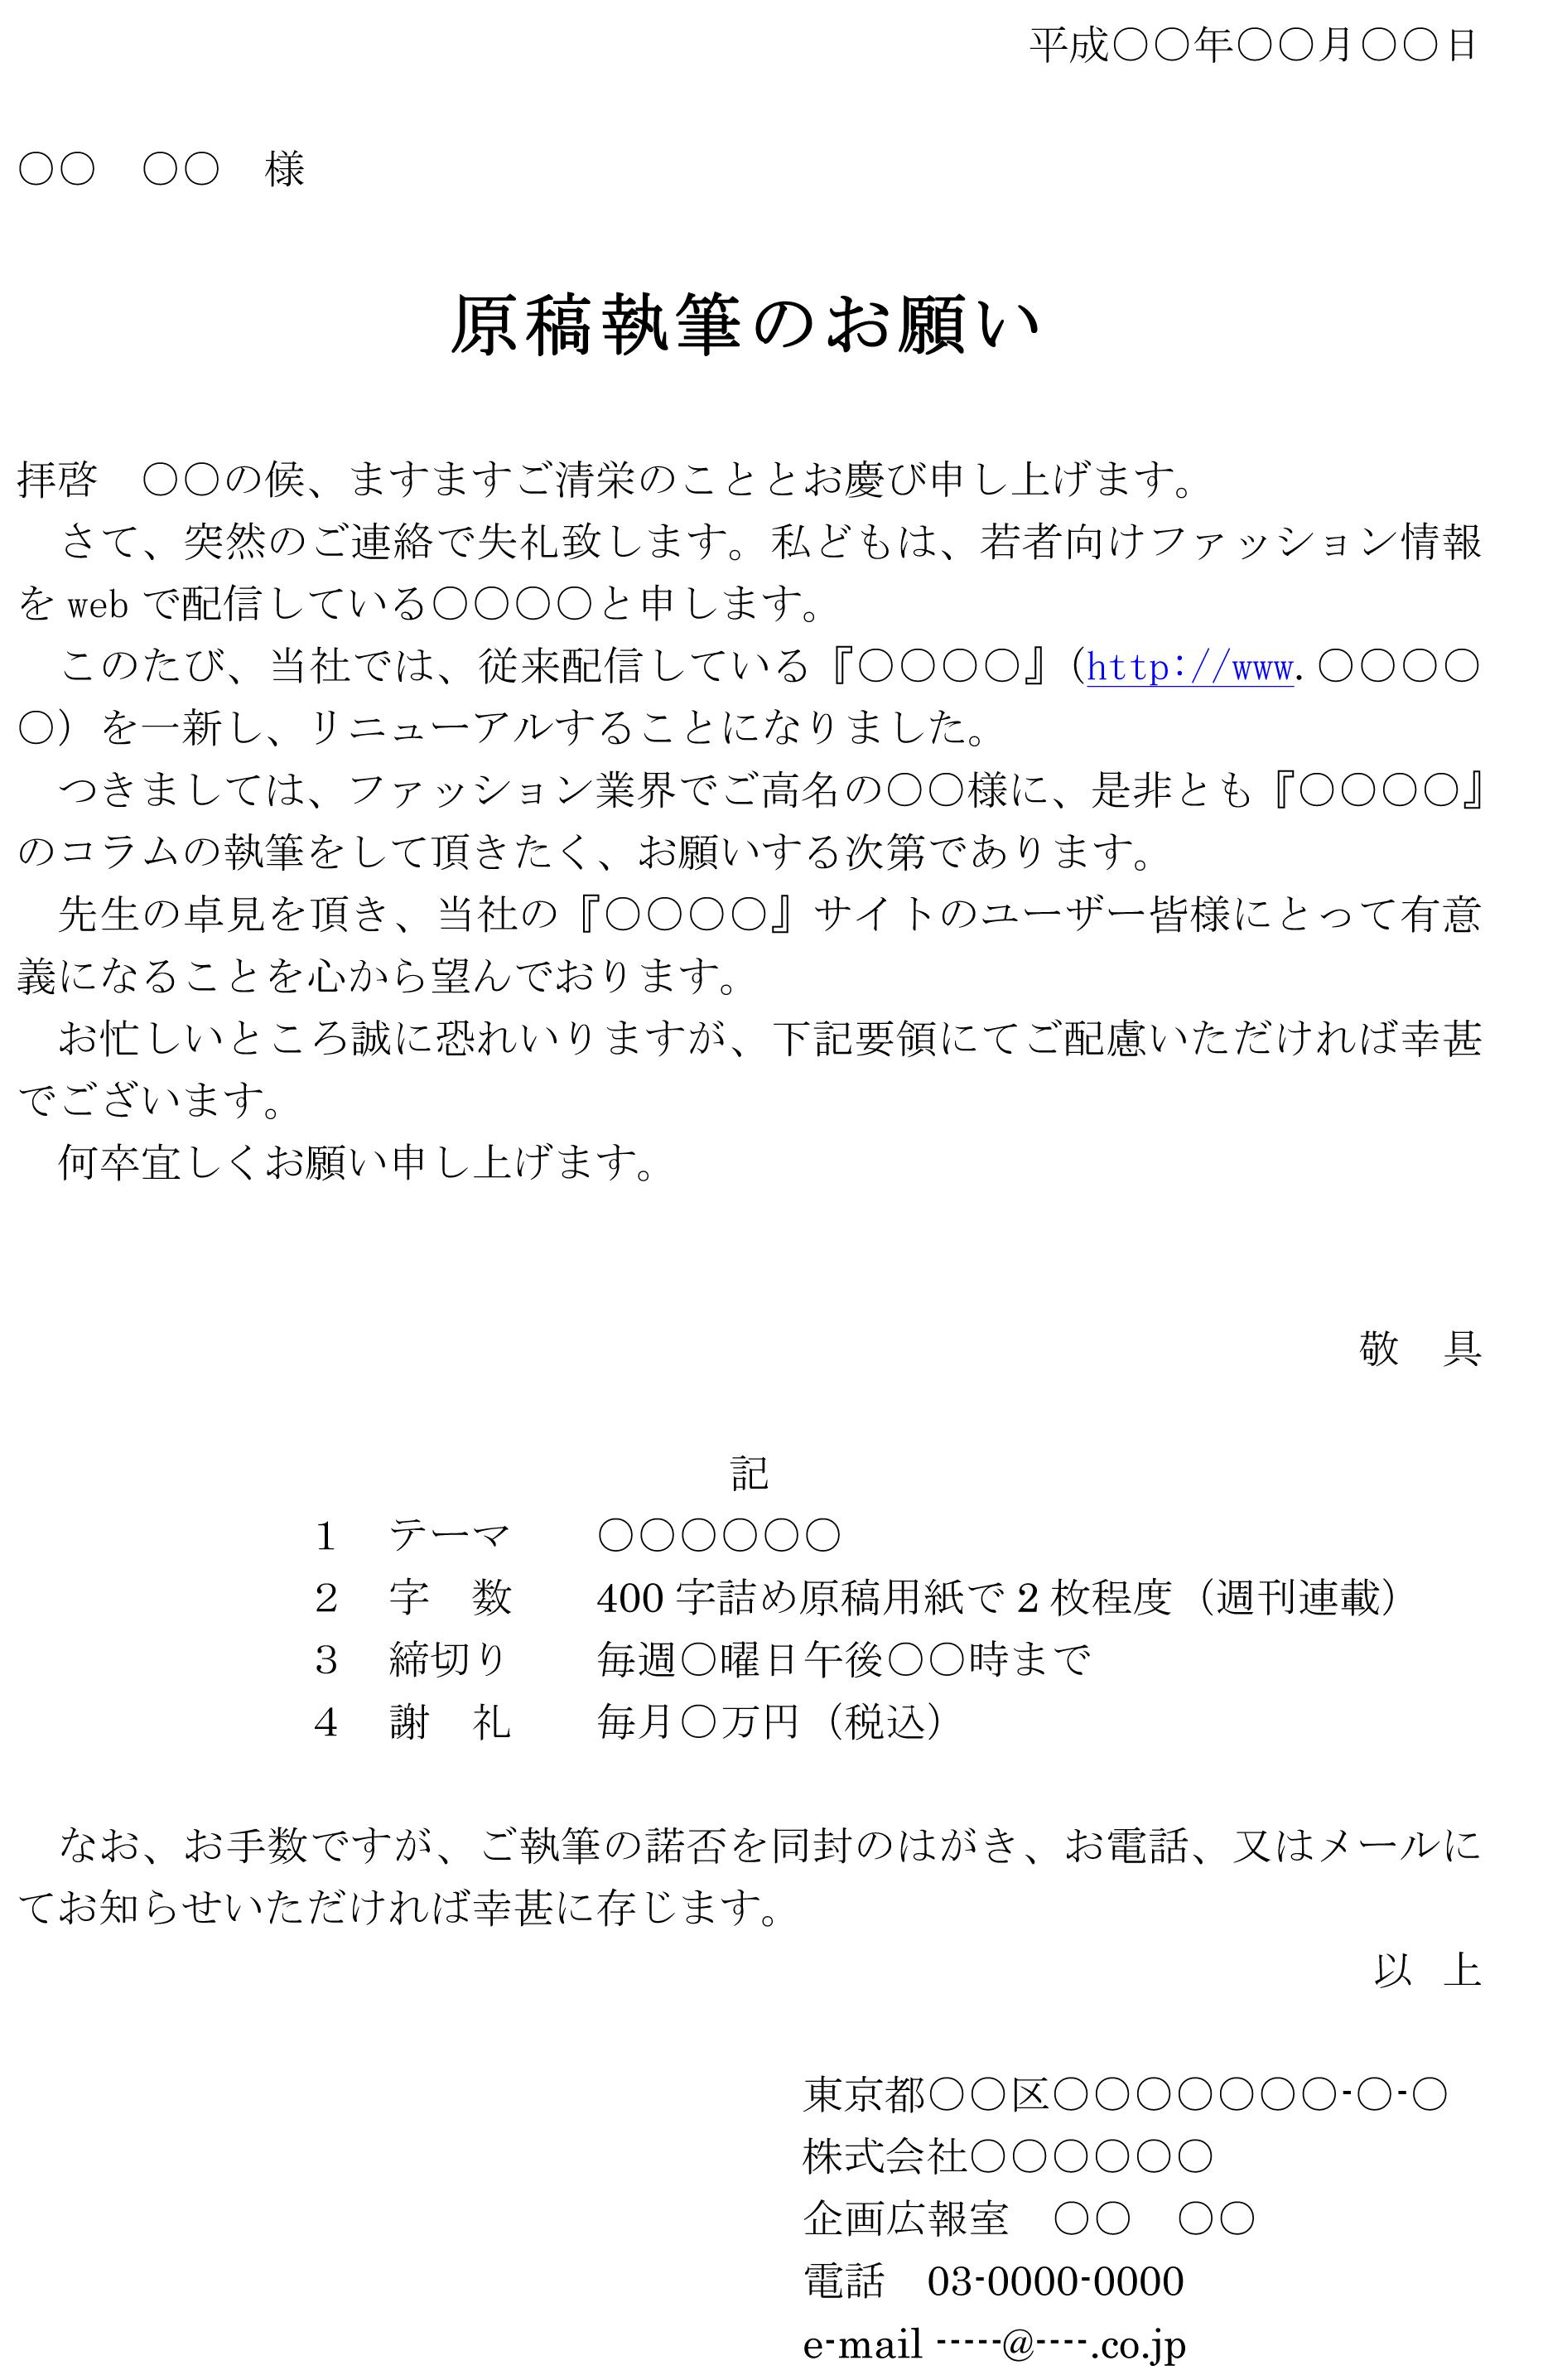 依頼状(原稿執筆)_3